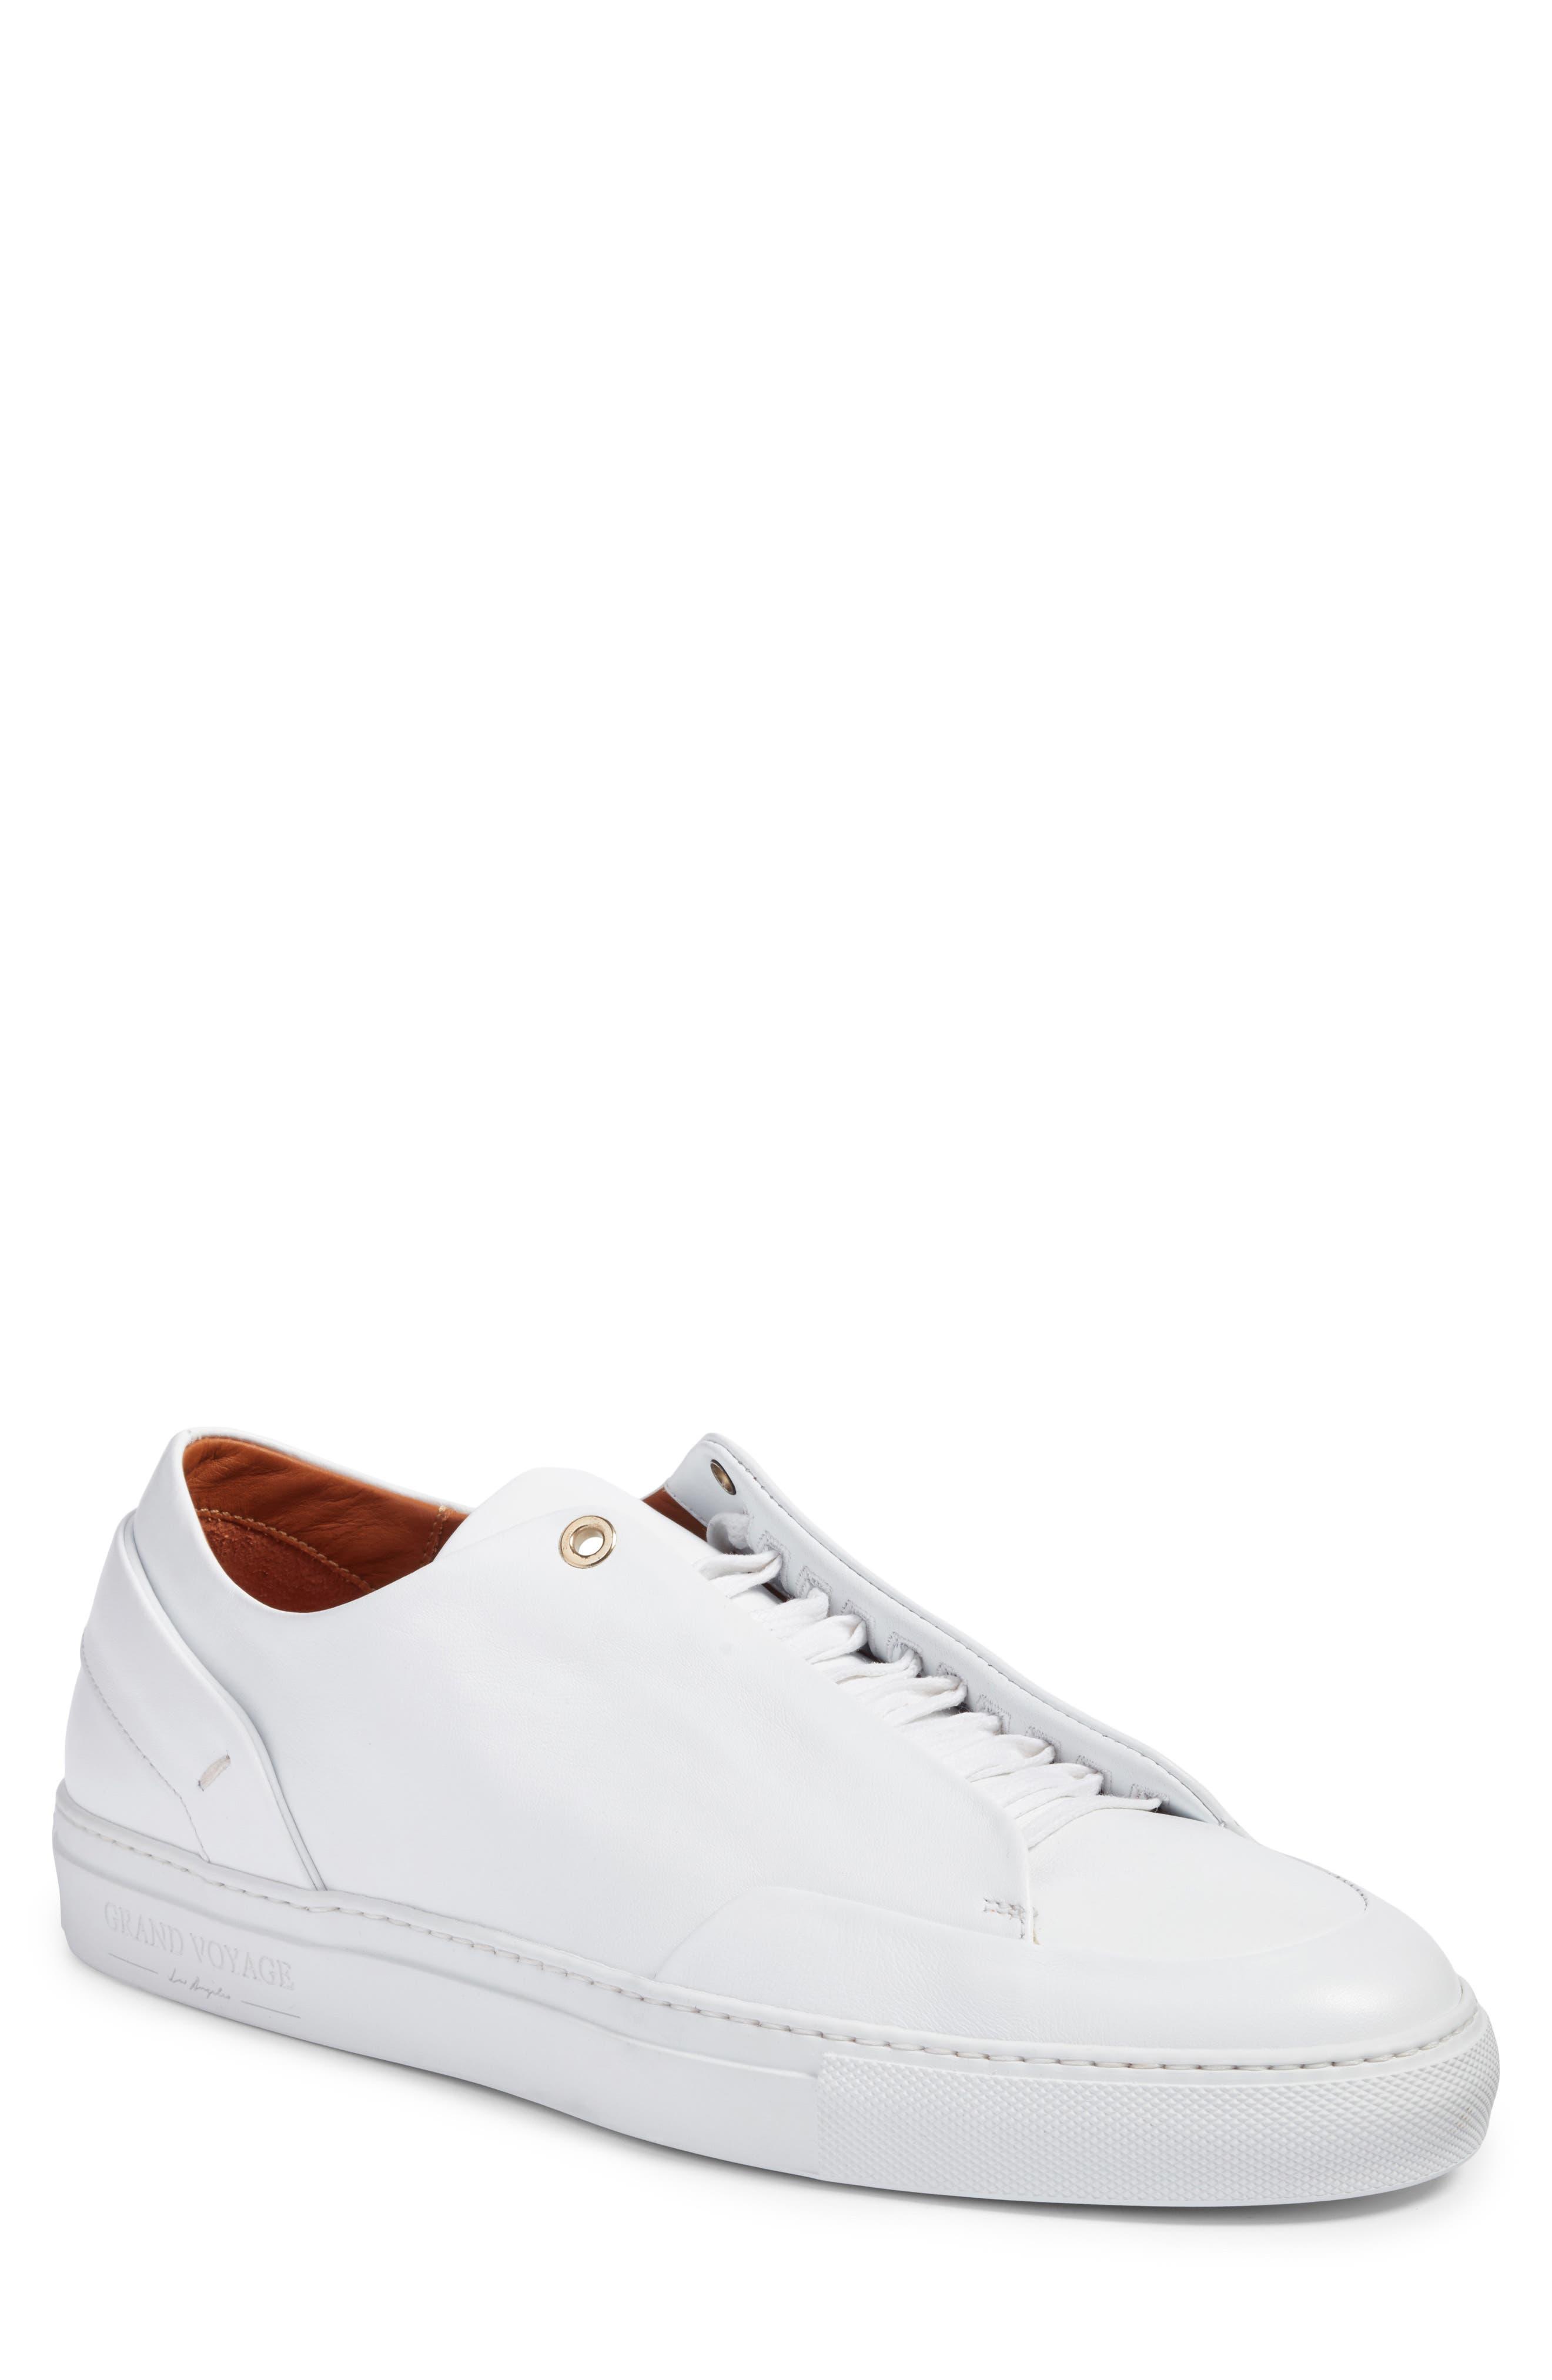 Main Image - Grand Voyage Avedon Sneaker (Men)